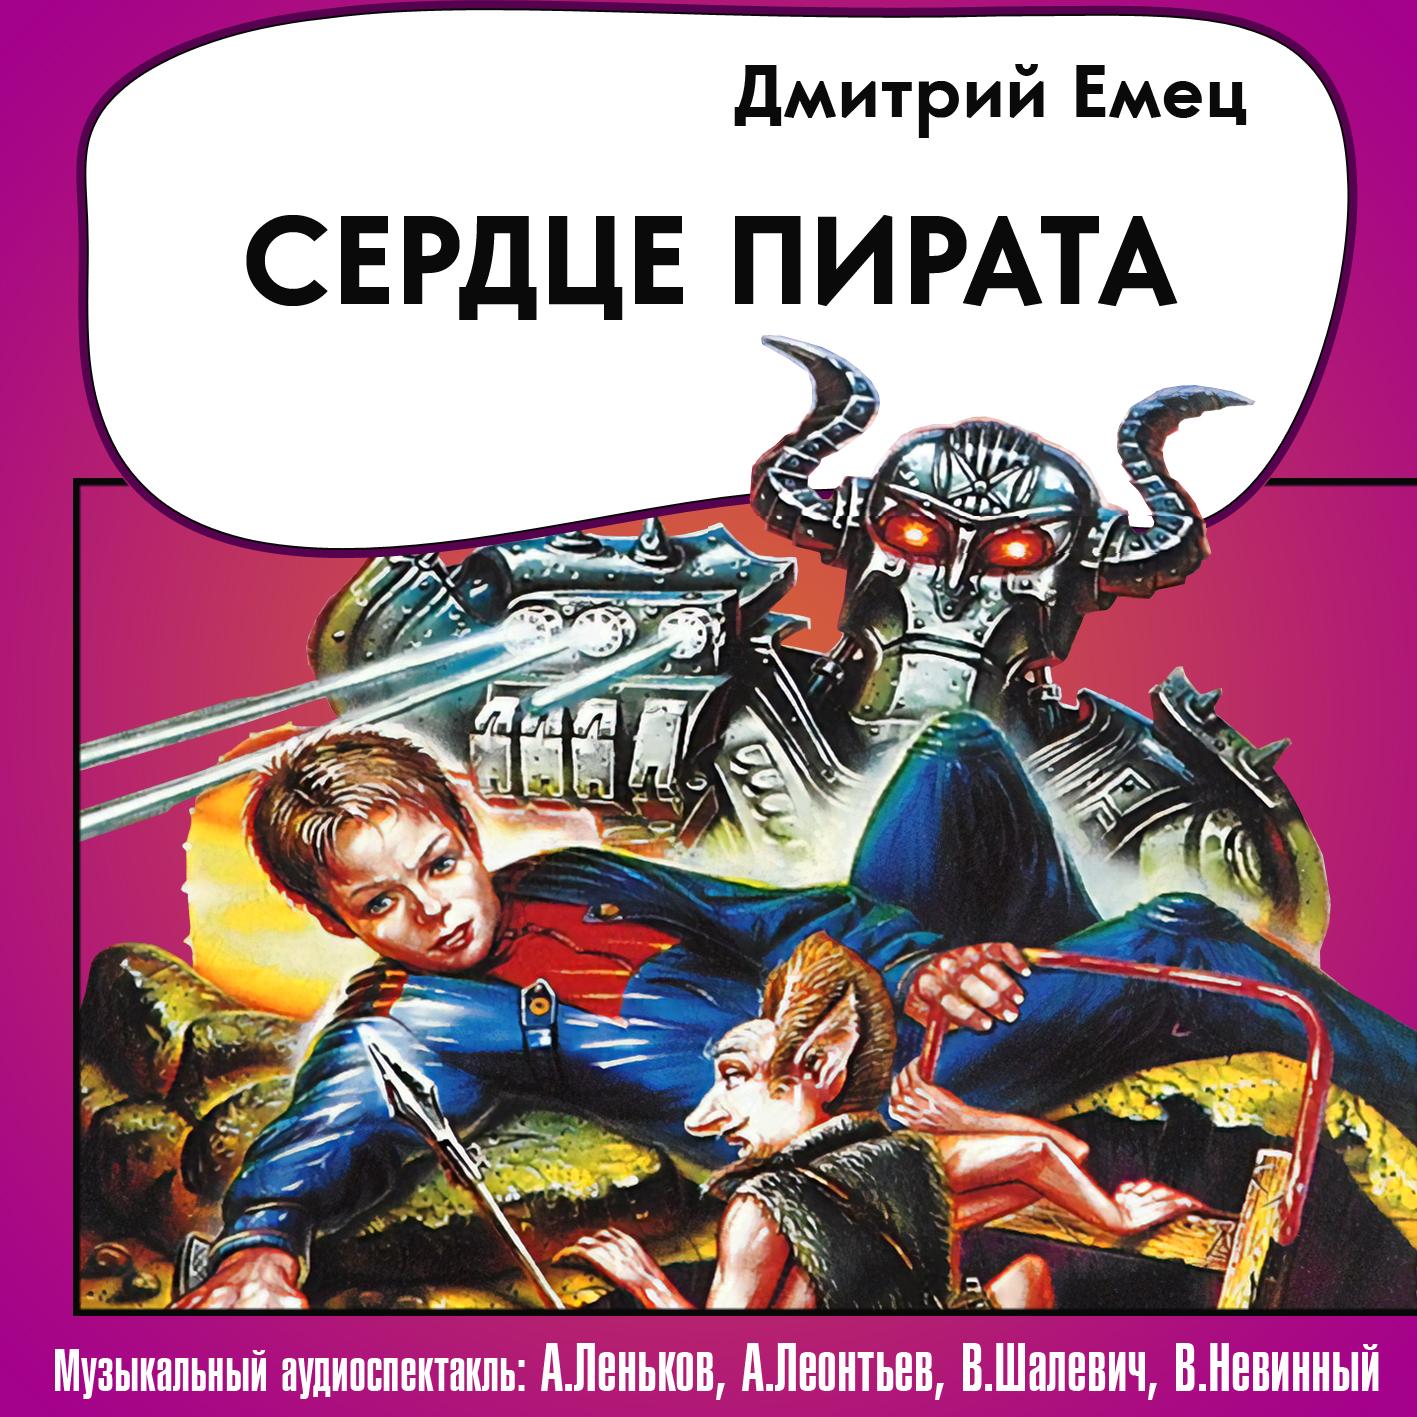 Дмитрий Емец Сердце пирата (спектакль) подвеска из серебра с позолотой